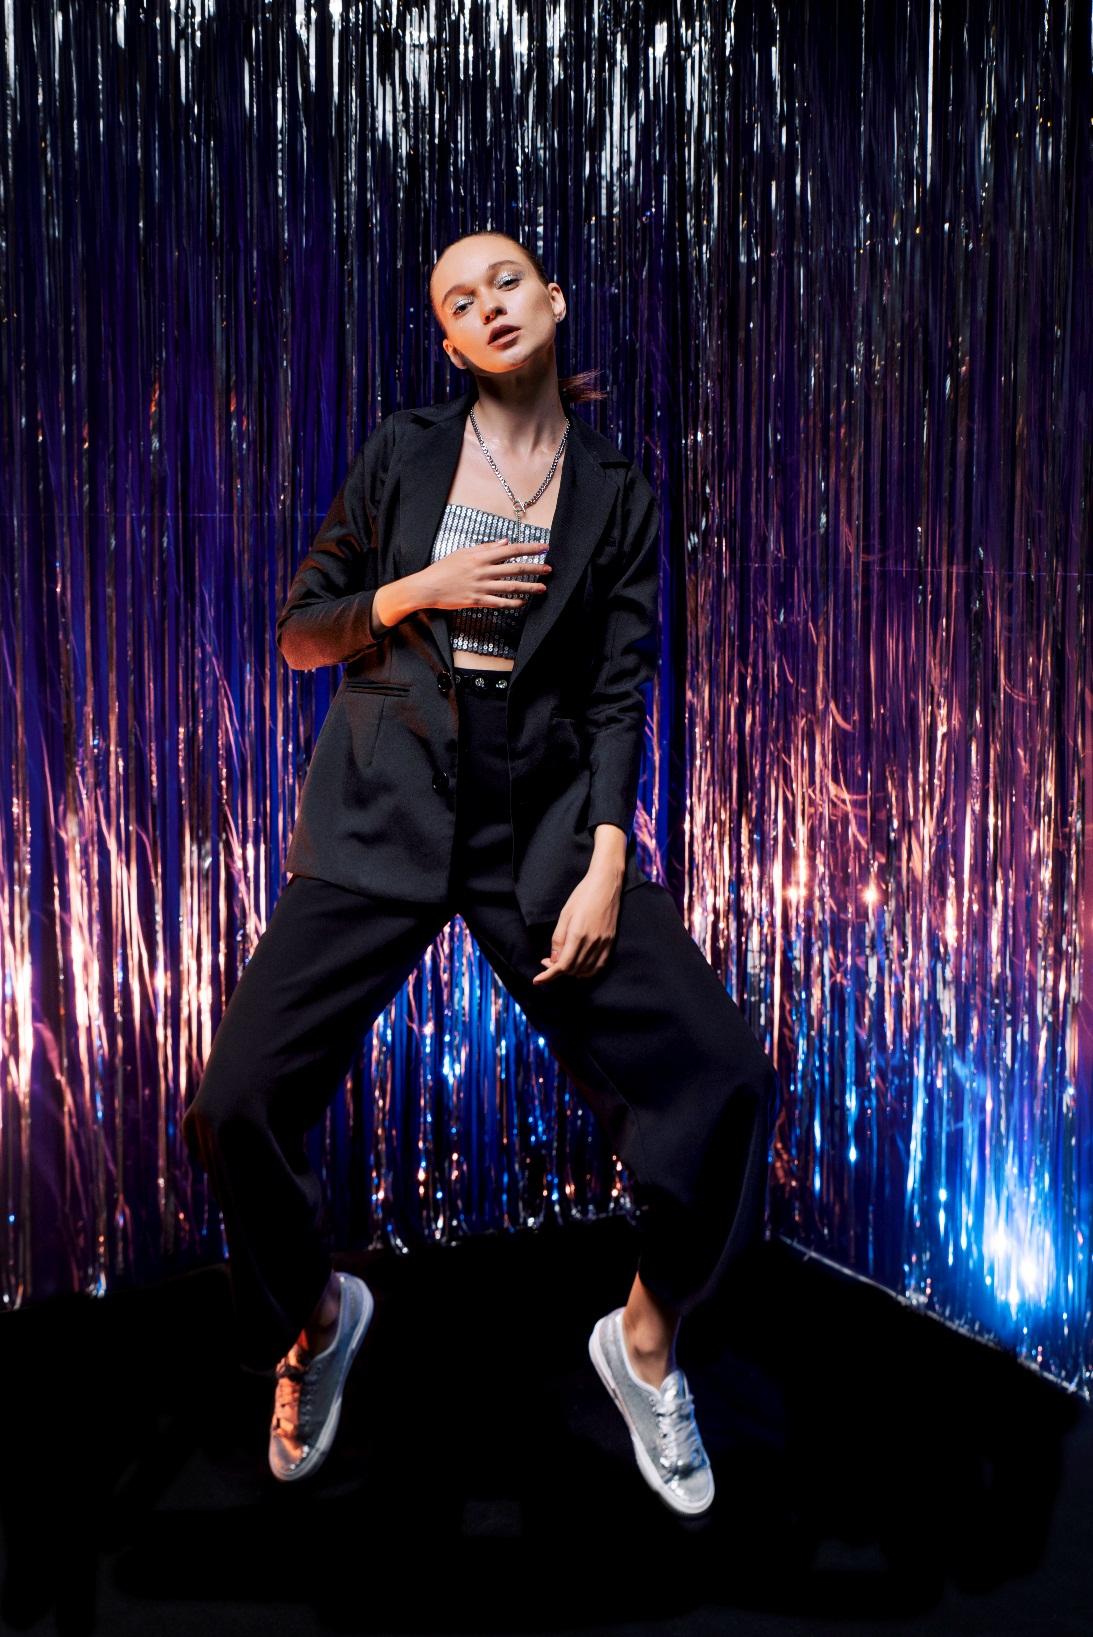 BST Thu Đông giày Superga 2750: Khi thời trang là những bước chân tự do - Ảnh 5.